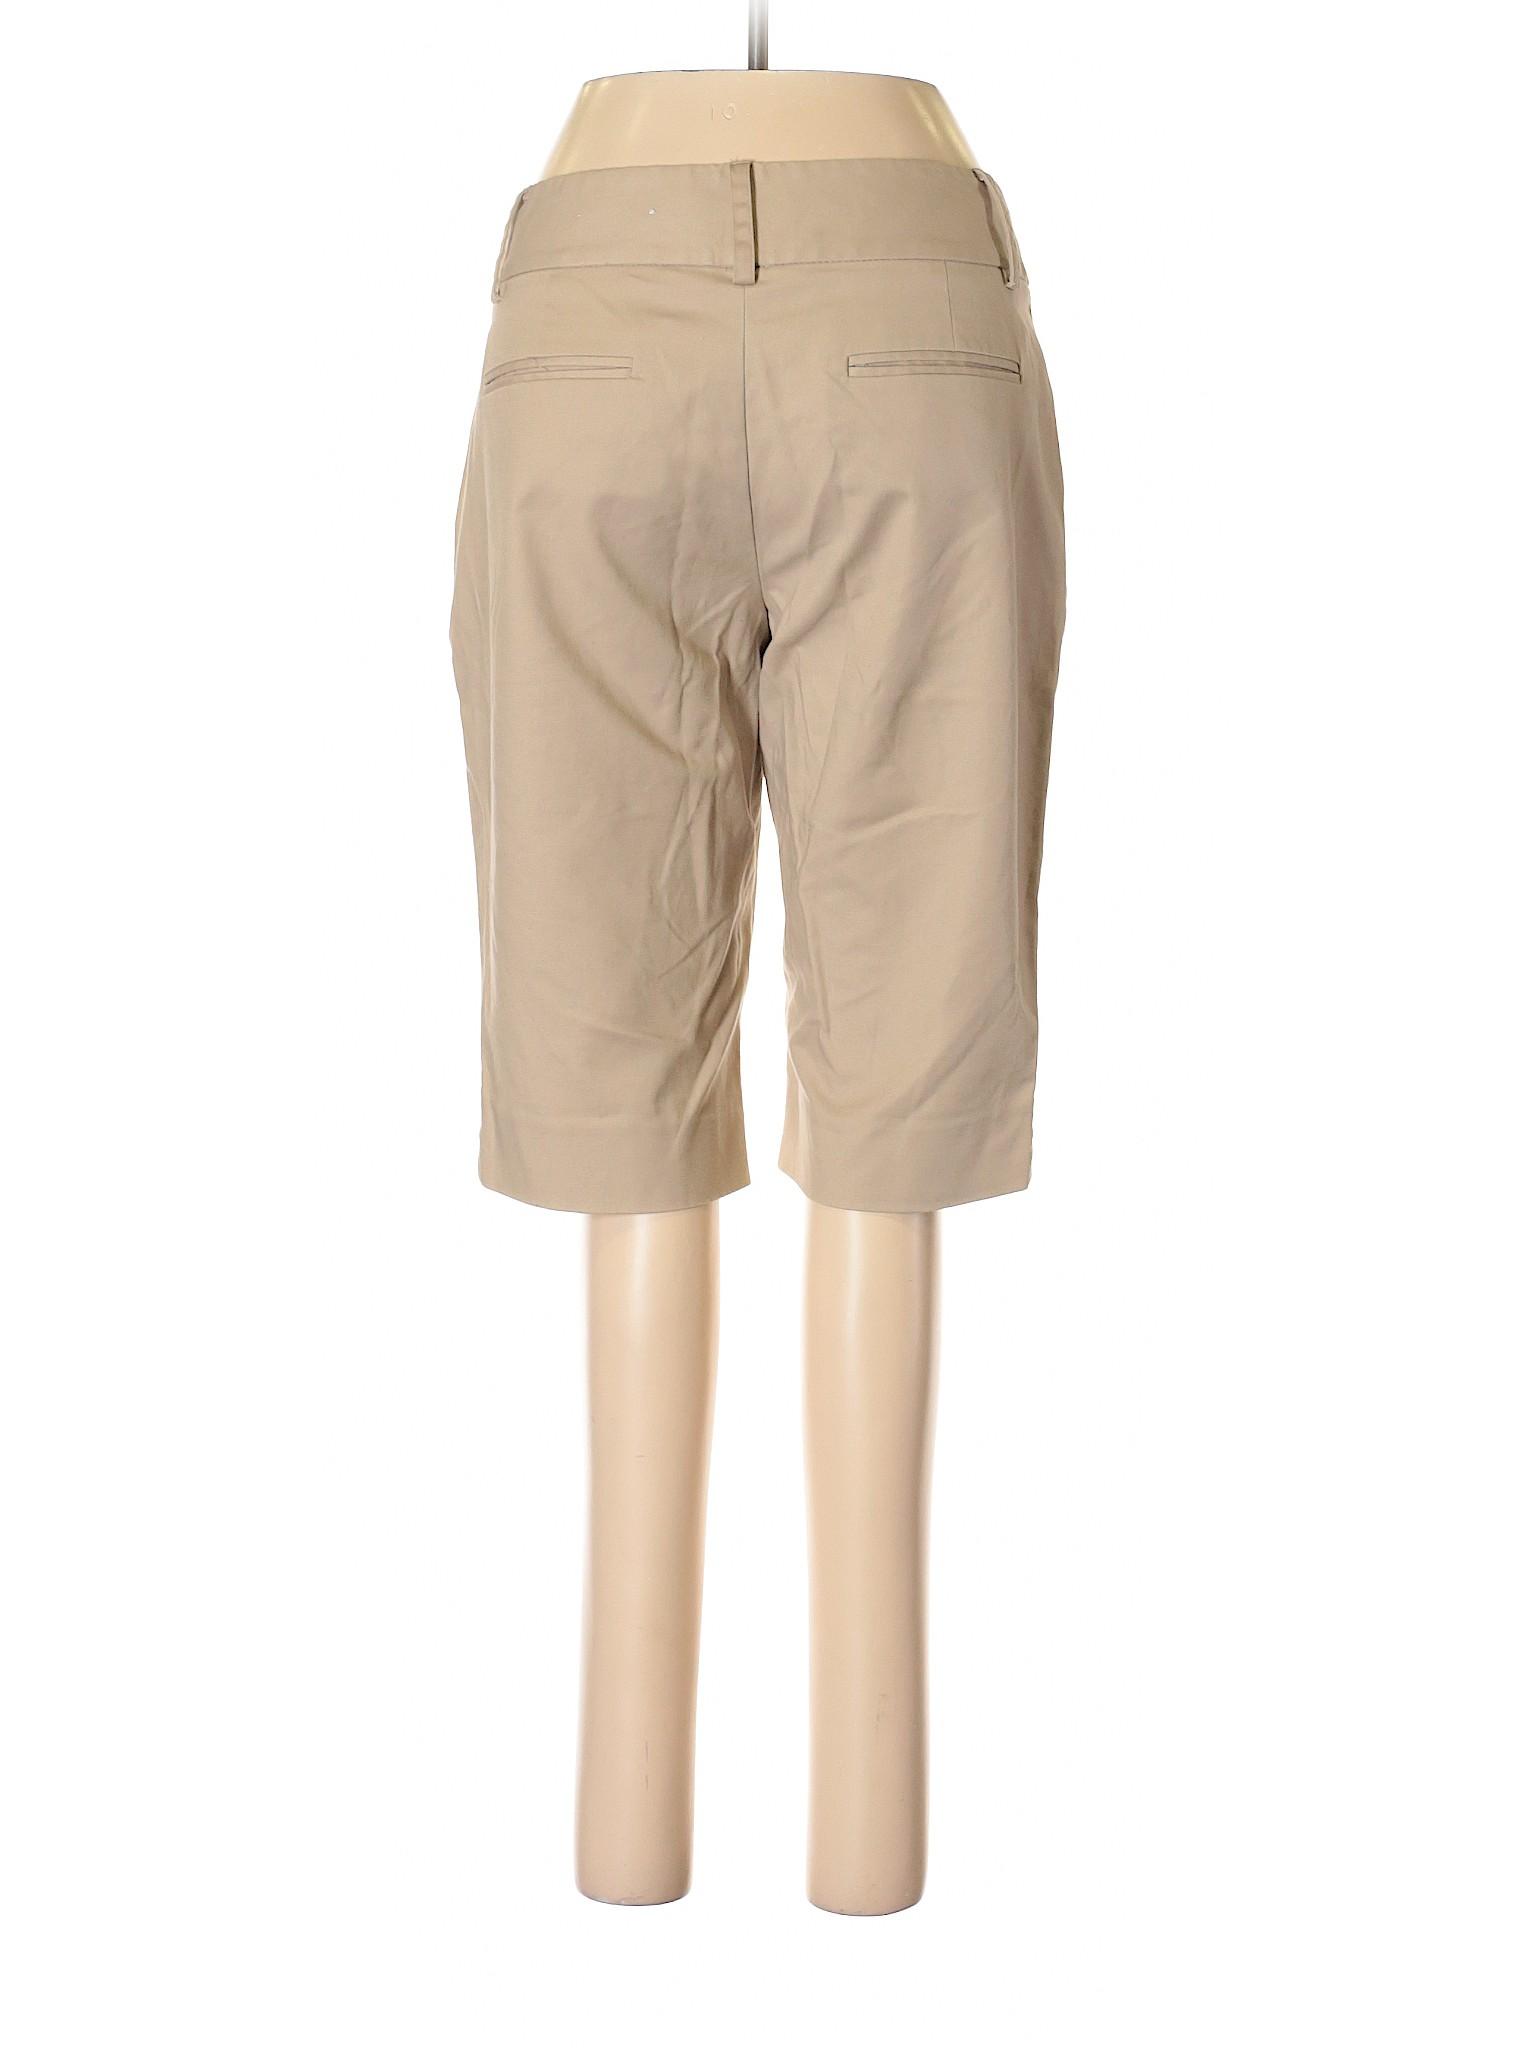 Apt leisure Shorts Khaki 9 Boutique Up5qw